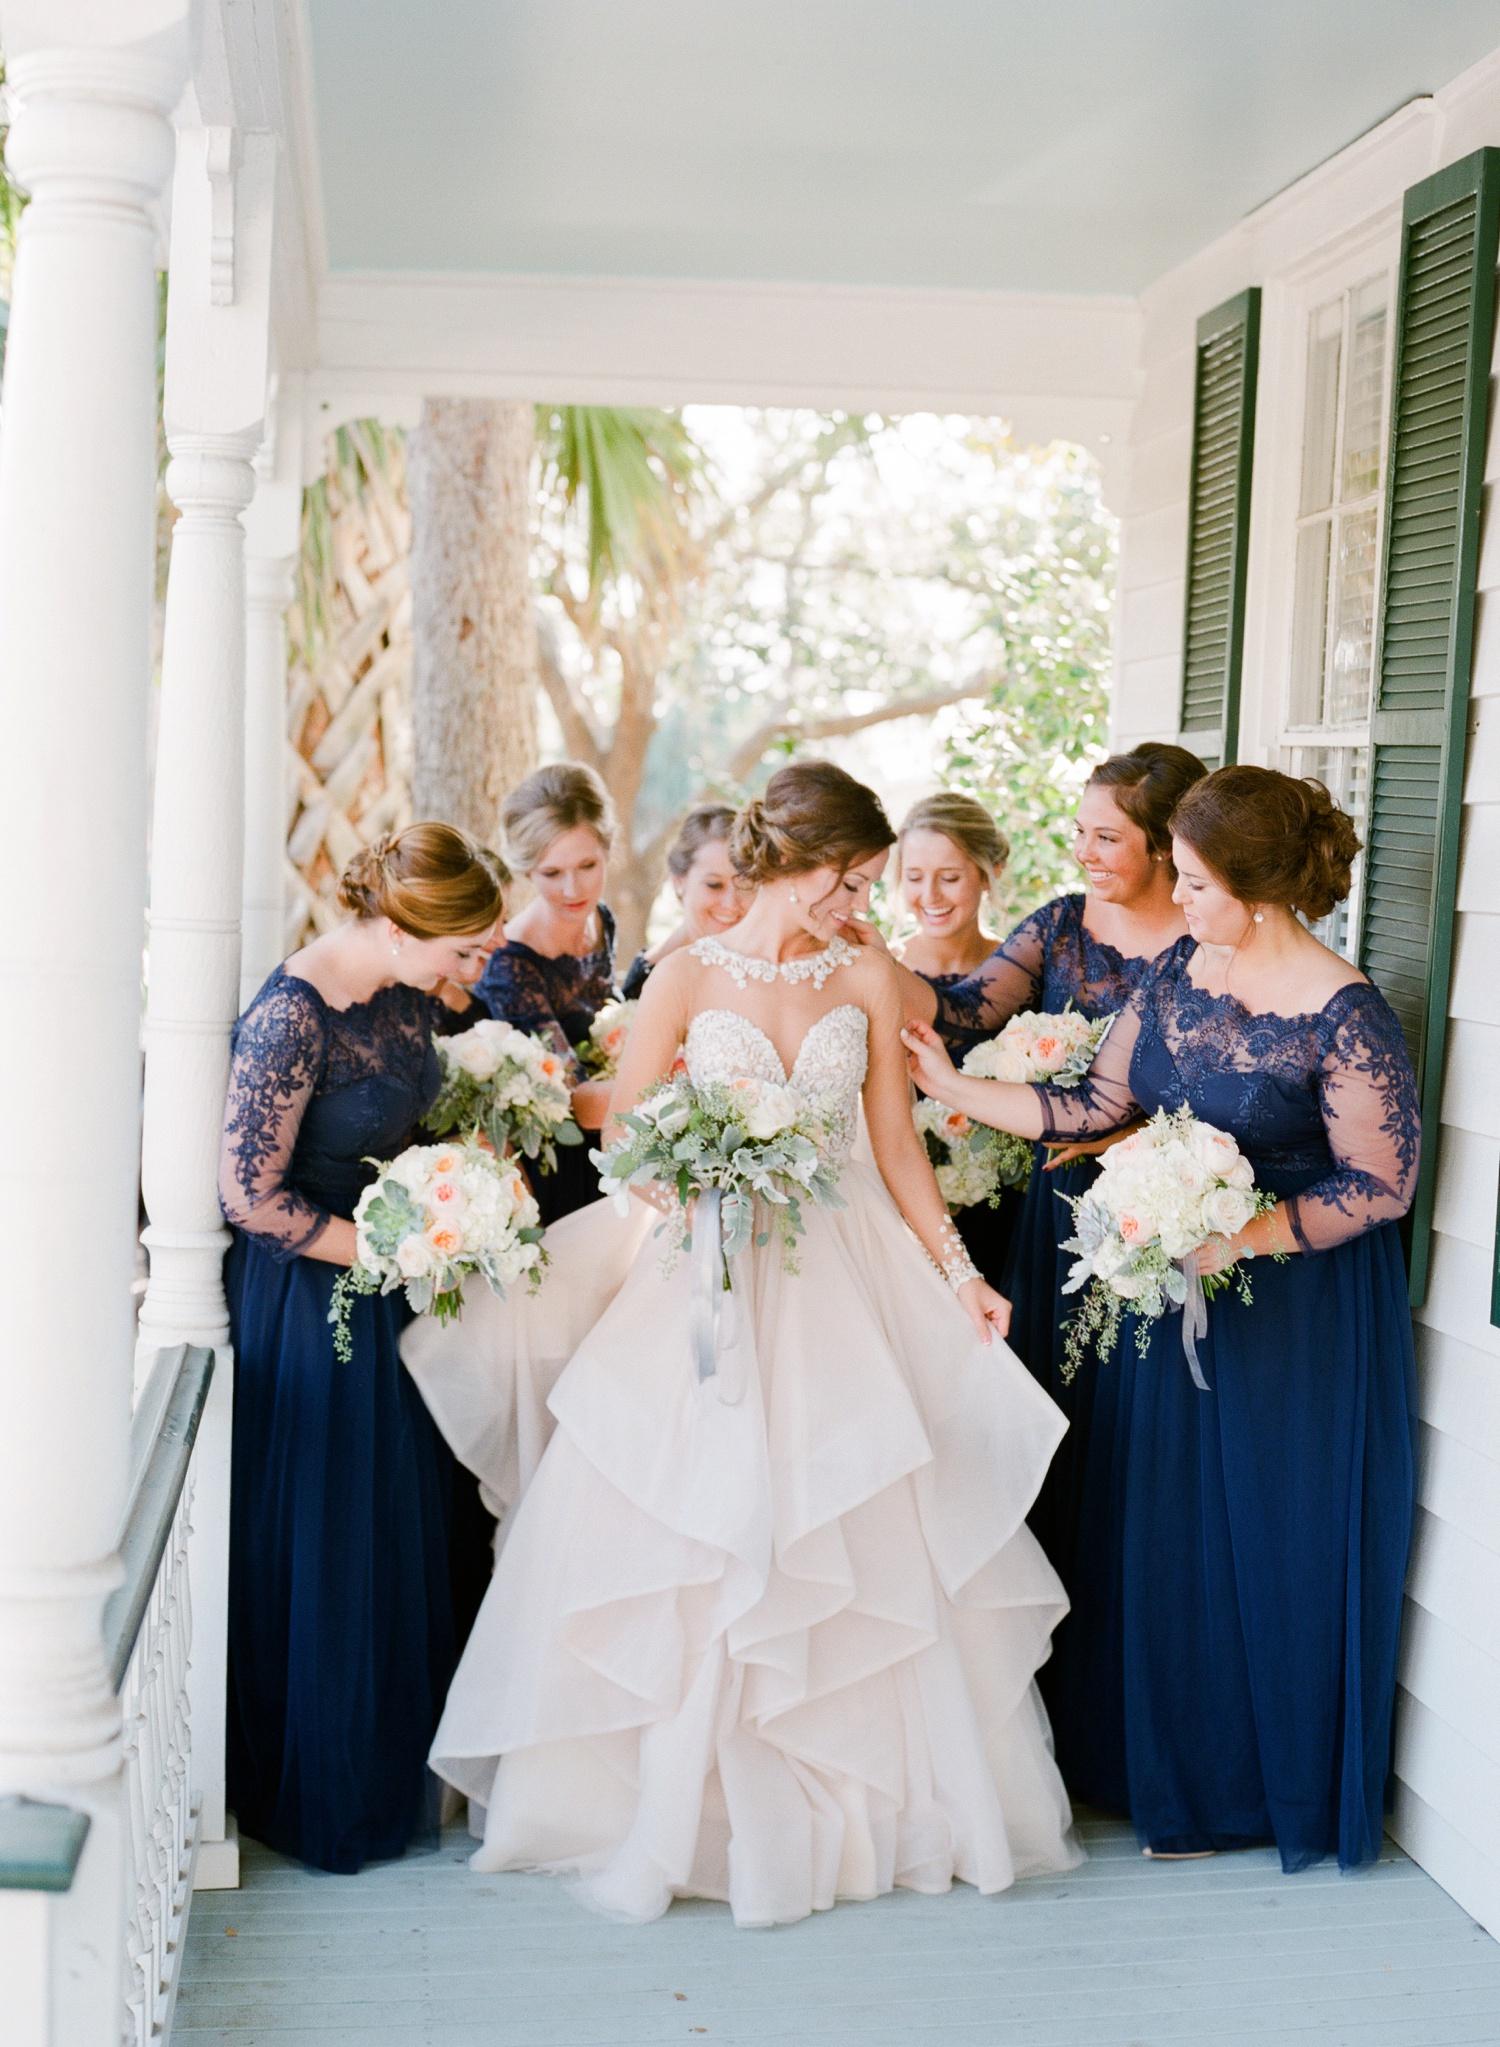 Beautfort-Wedding-Photographer_0013.jpg